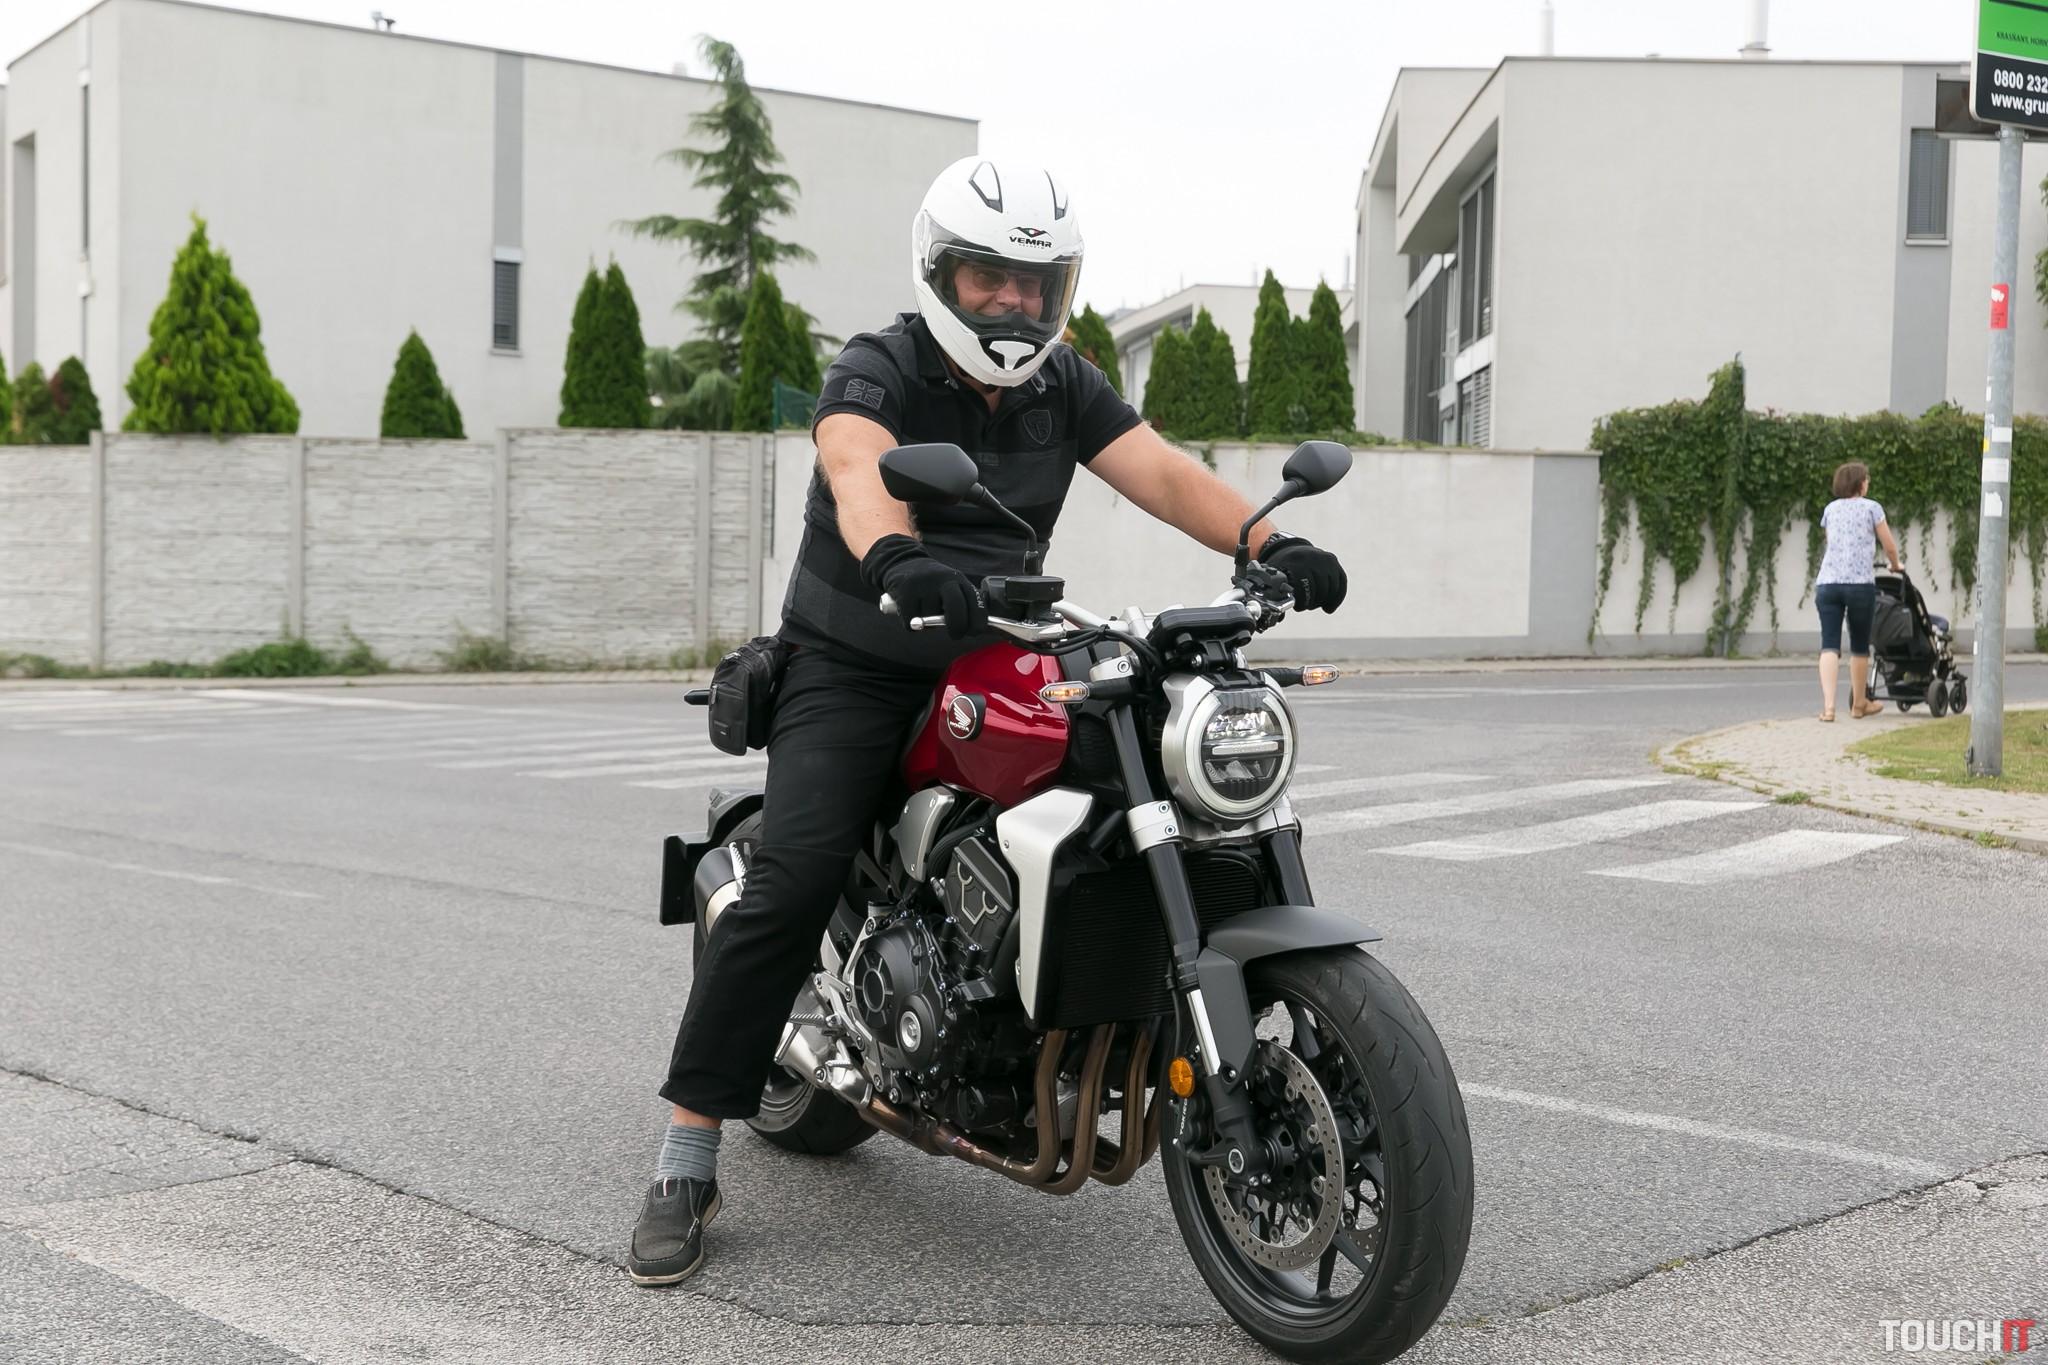 fd405975b Motocykel a Boat Show: Premiéry najsilnejších strojov a dni plné  adrenalínových zážitkov